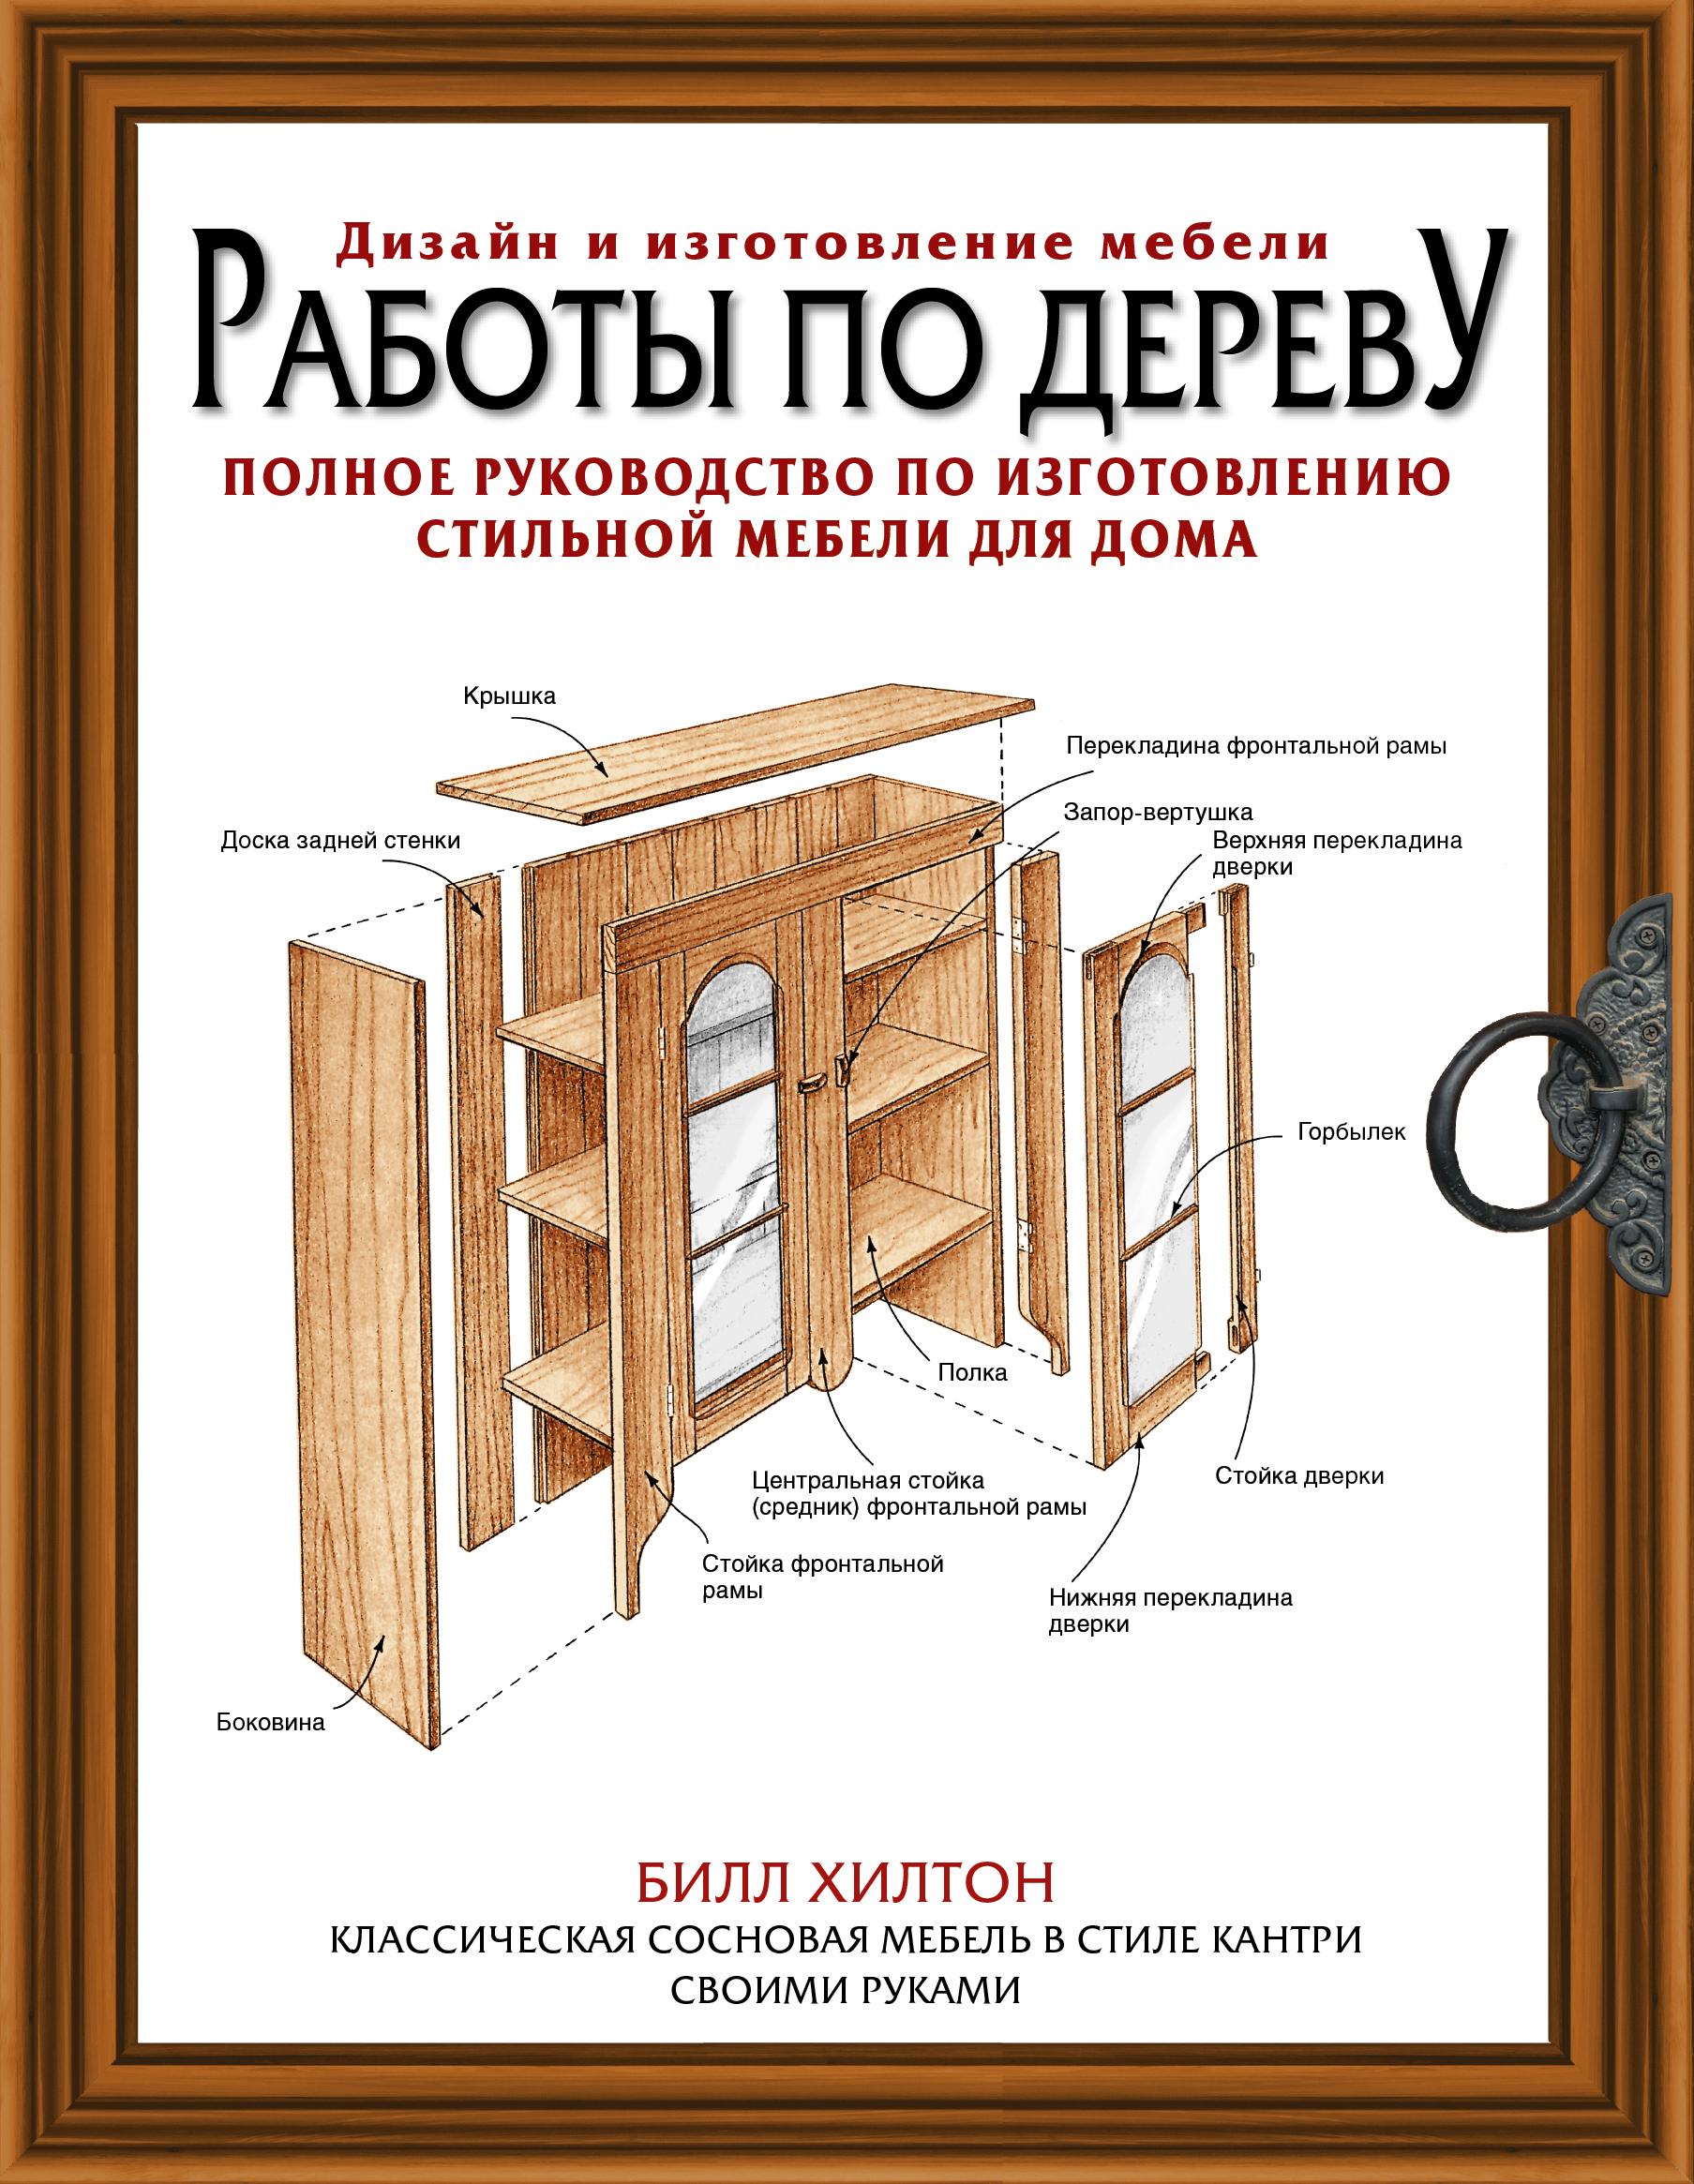 Хилтон Билл Работы по дереву. Полное руководство по изготовлению стильной мебели для дома книги издательство аст работы по дереву полное руководство по изготовлению стильной мебели для дома